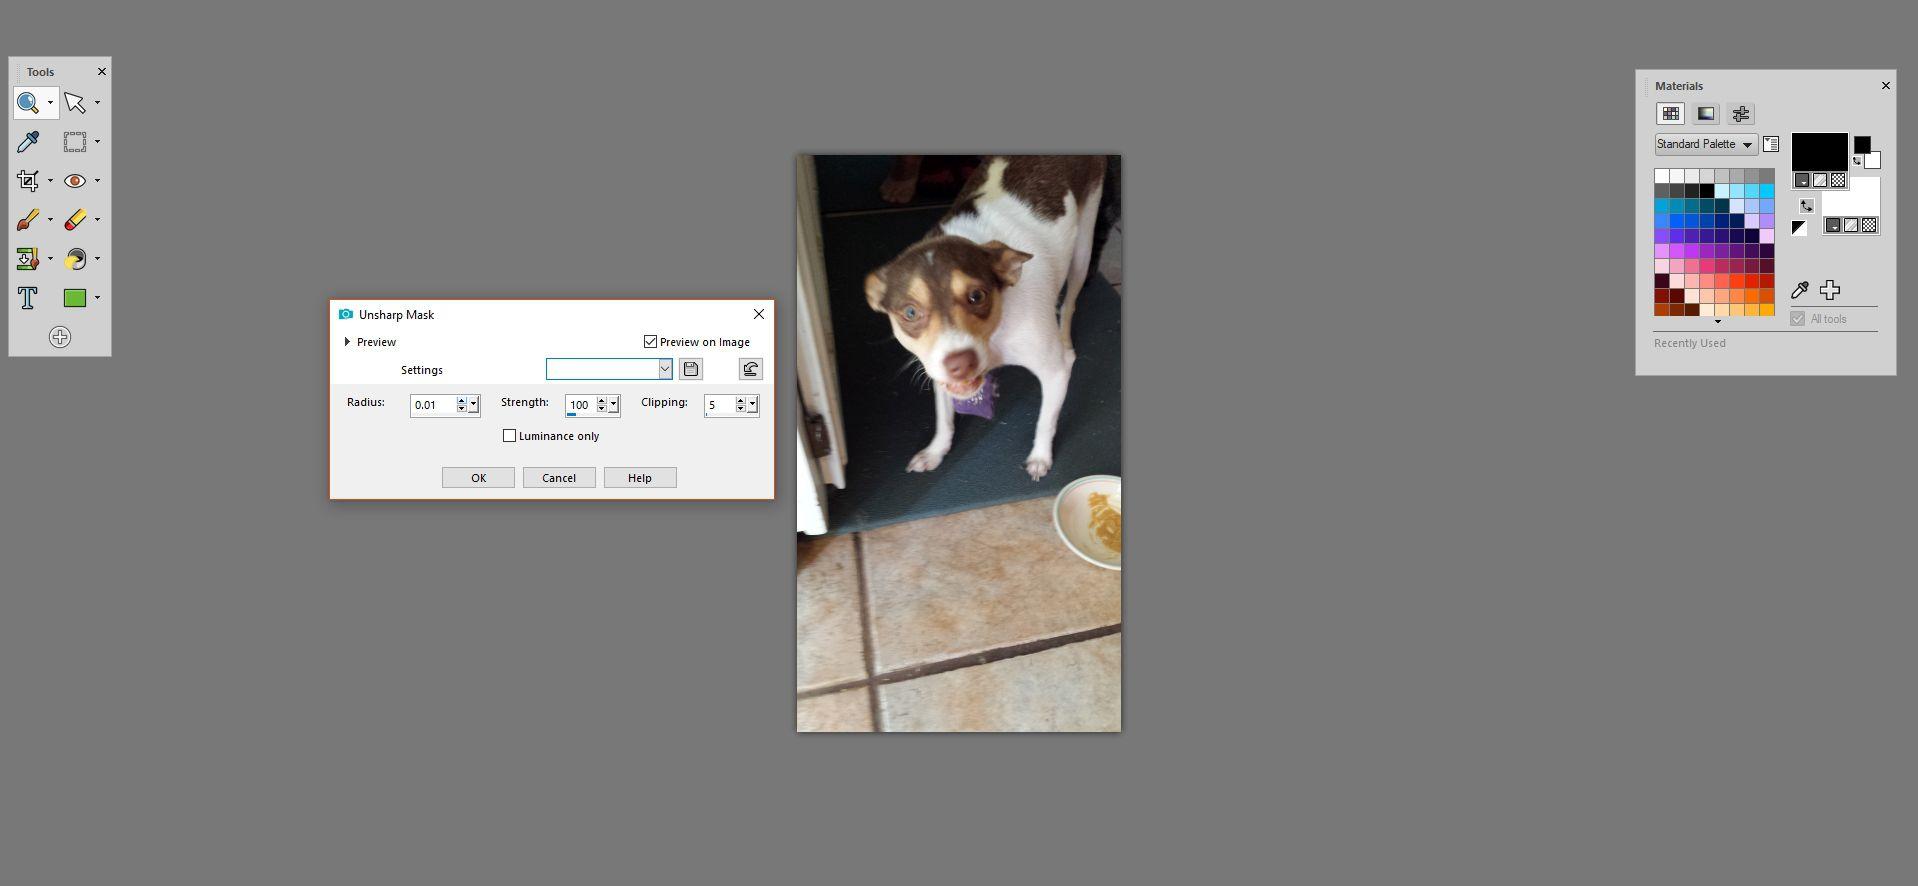 PaintShop Pro with Unsharp Mask options showing.